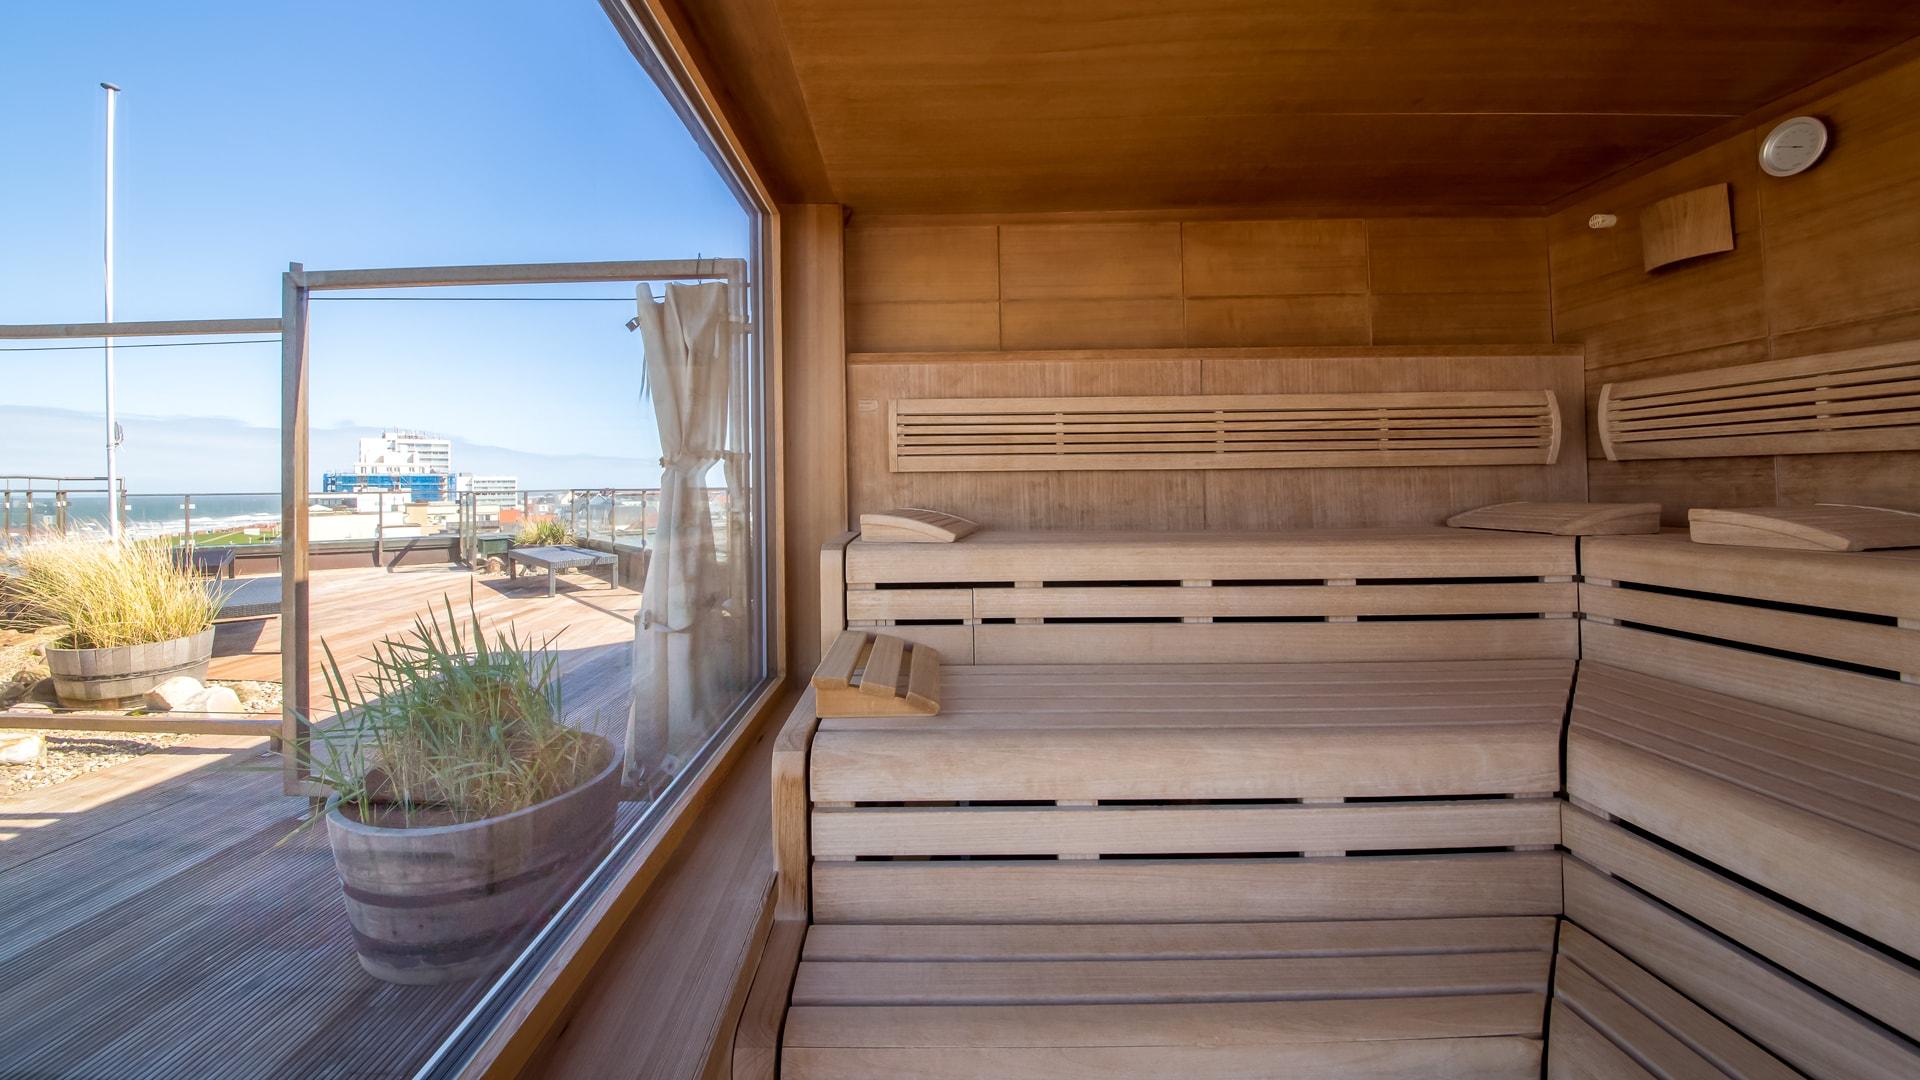 3 Michels_Hotels_Strandhotel_Germania_Sauna_auf_der_Dachterasse_direkt_an_der_Nordsee